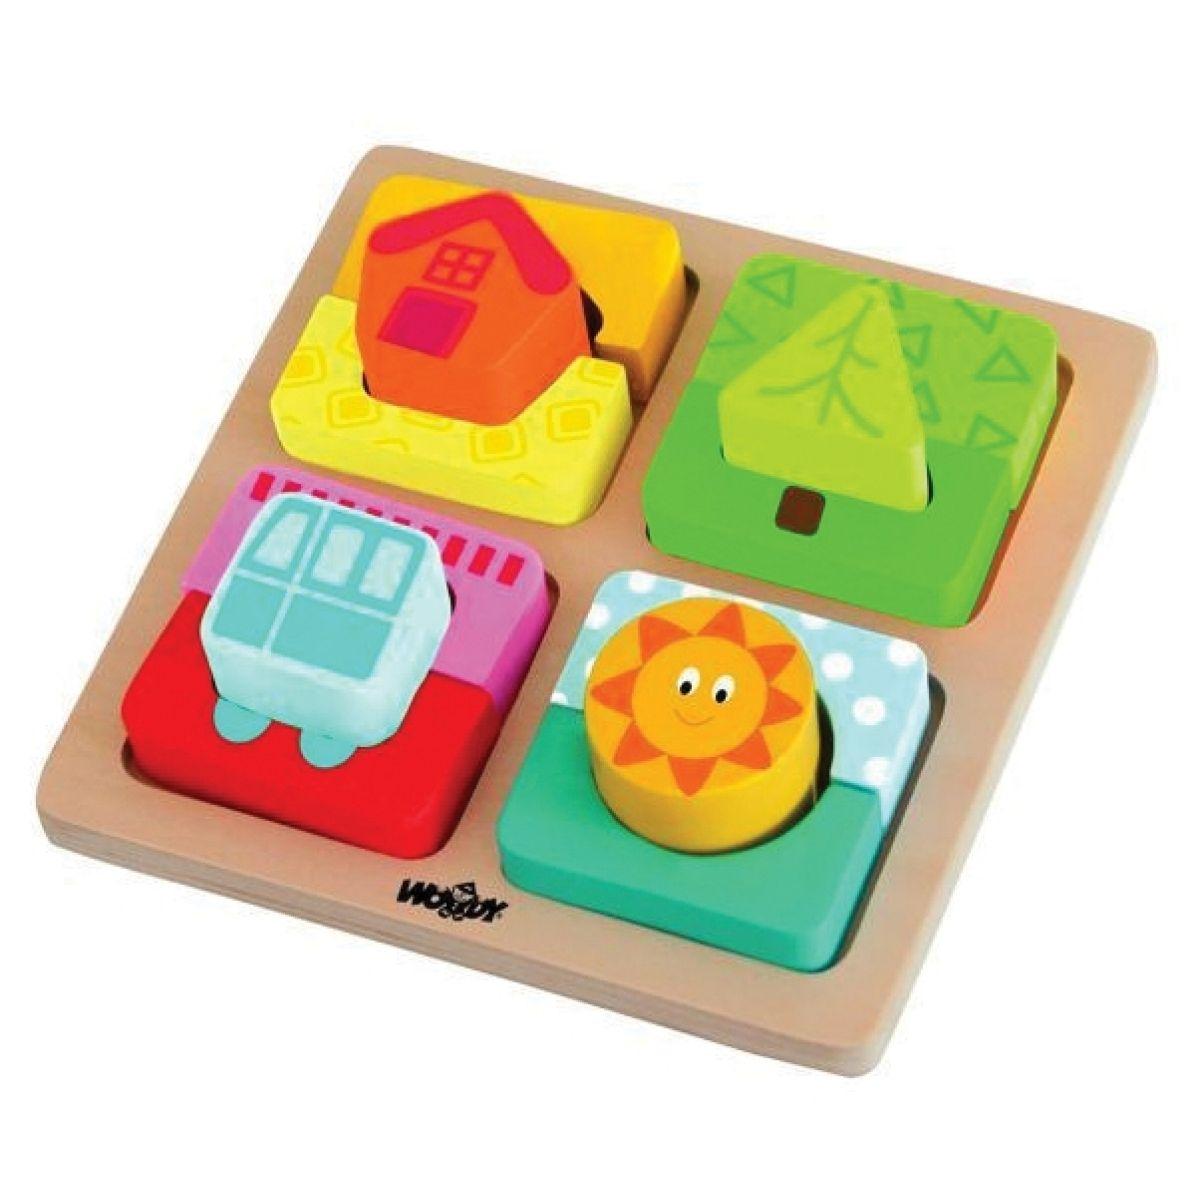 Woody Doštička s puzzle-tvarmi Slnko domova